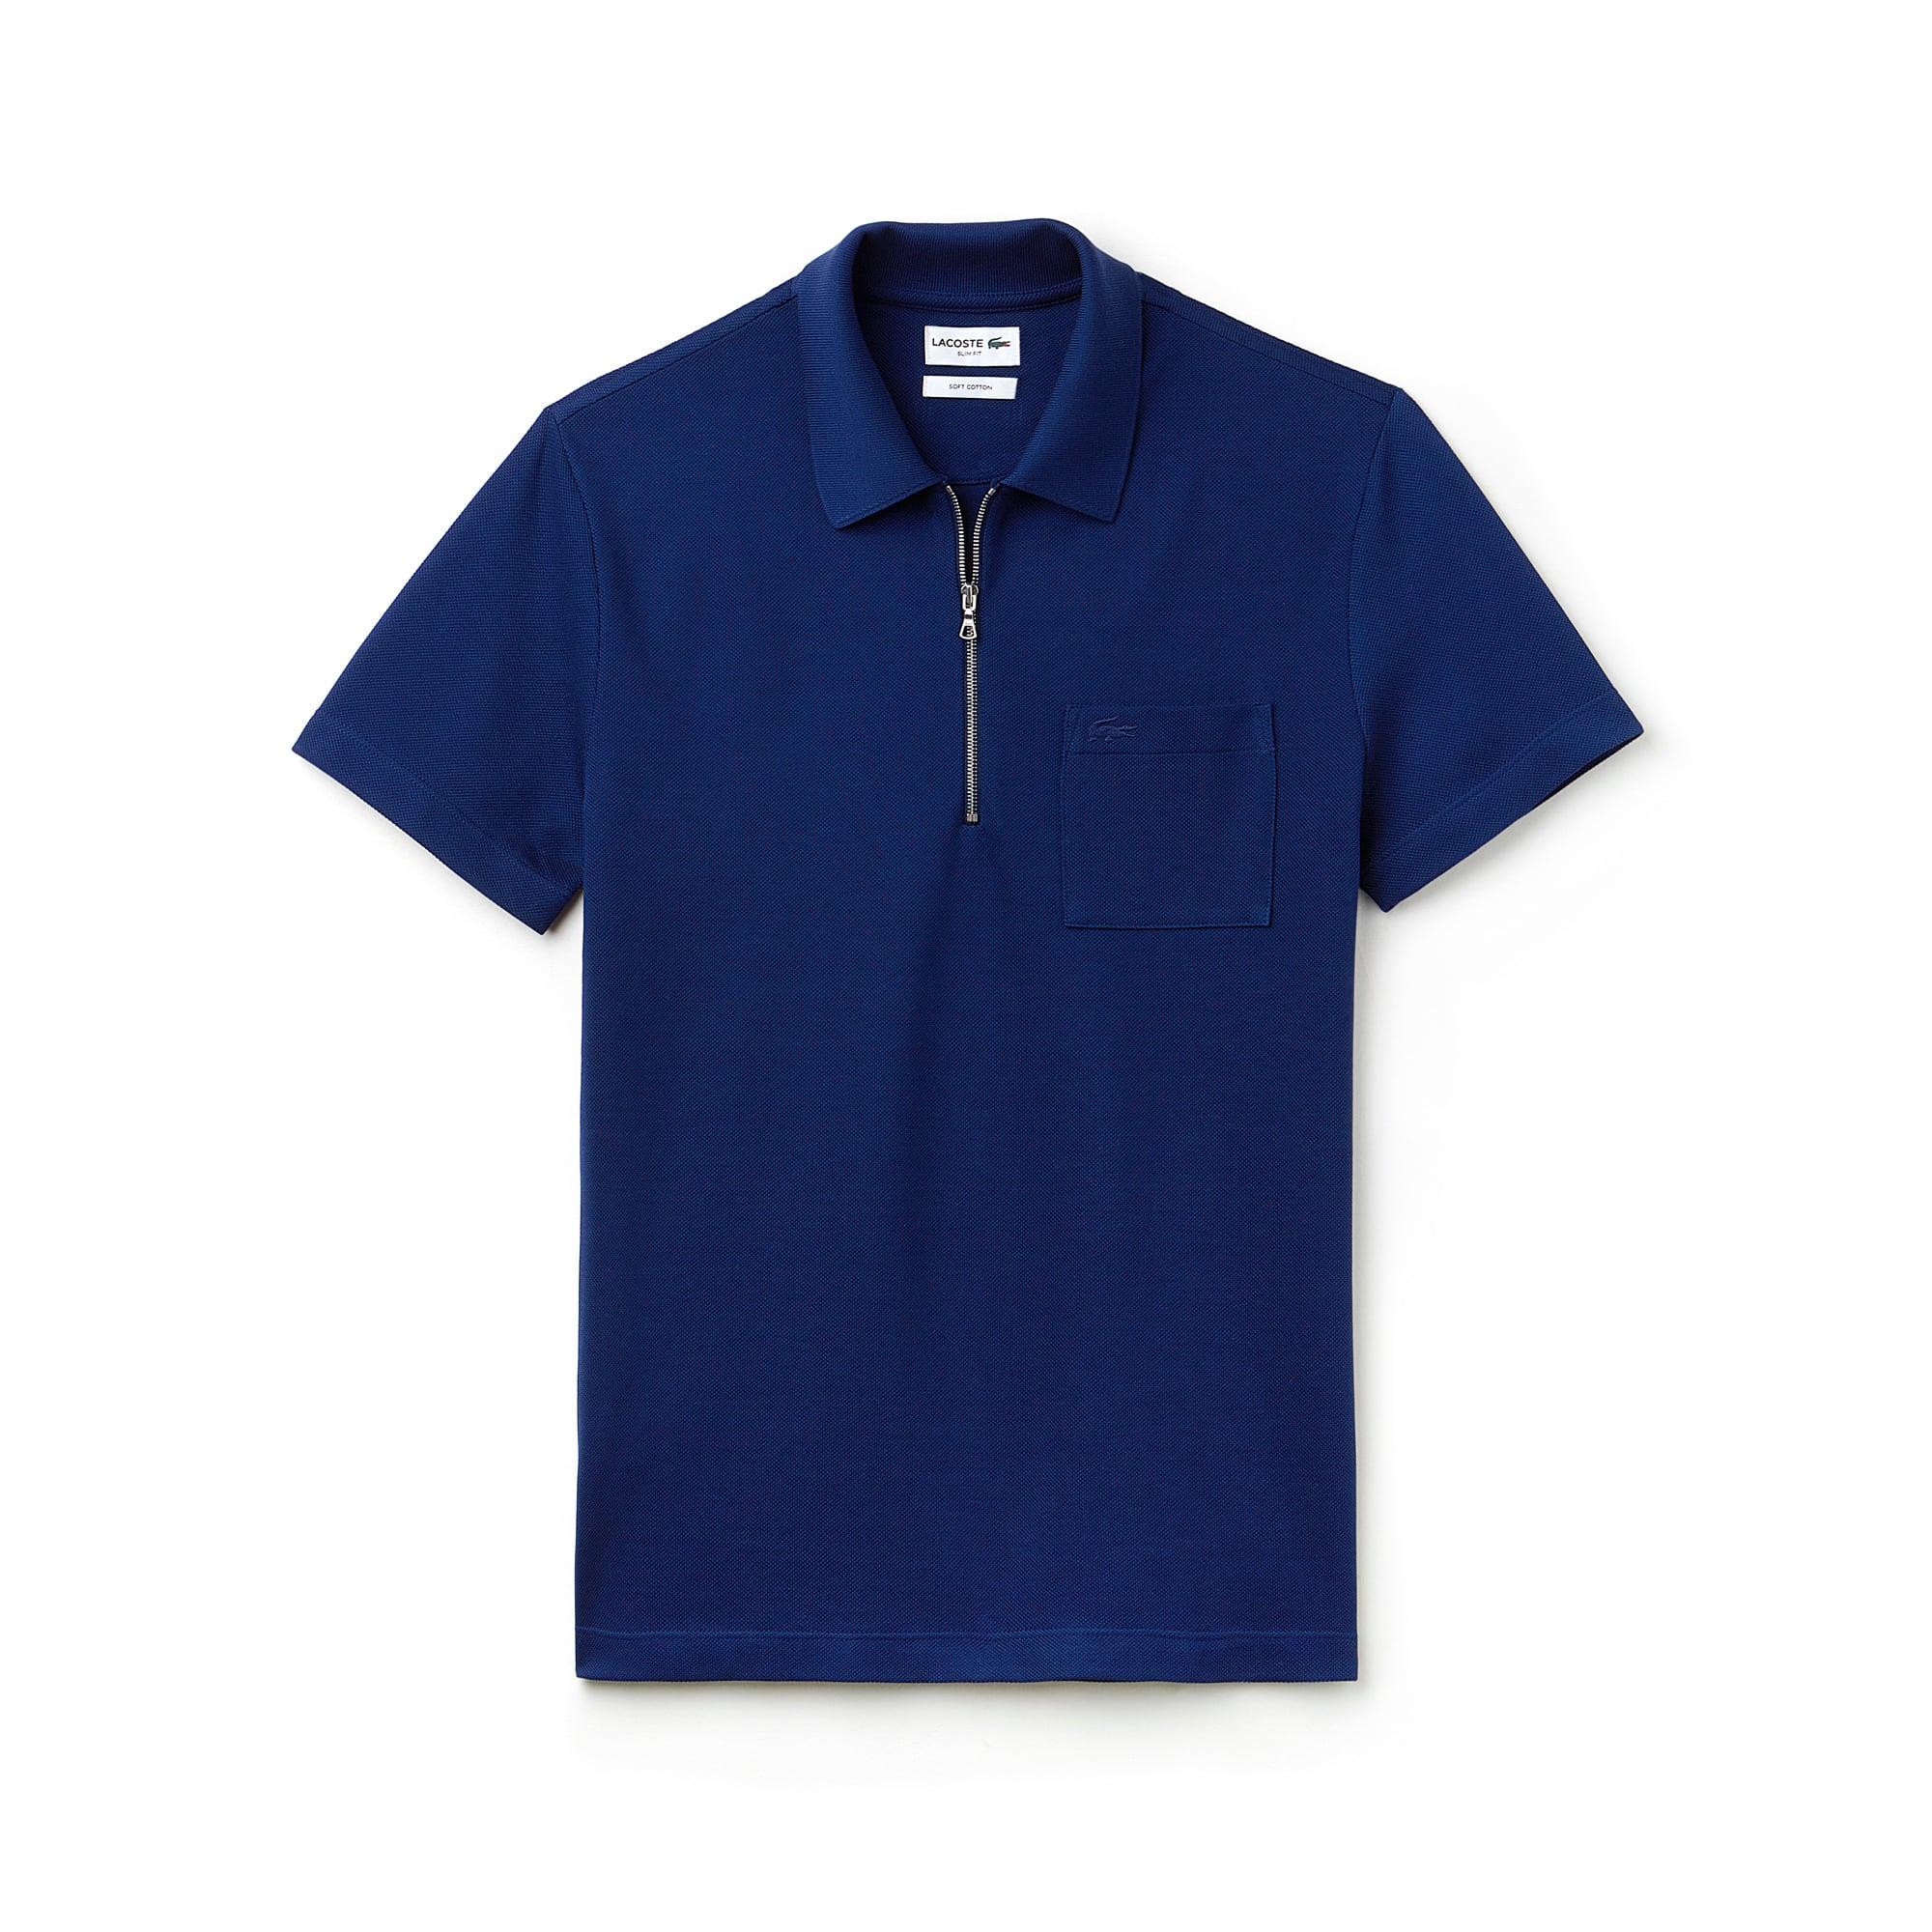 Men's Lacoste Slim Fit Zip Neck Cotton Piqué Polo